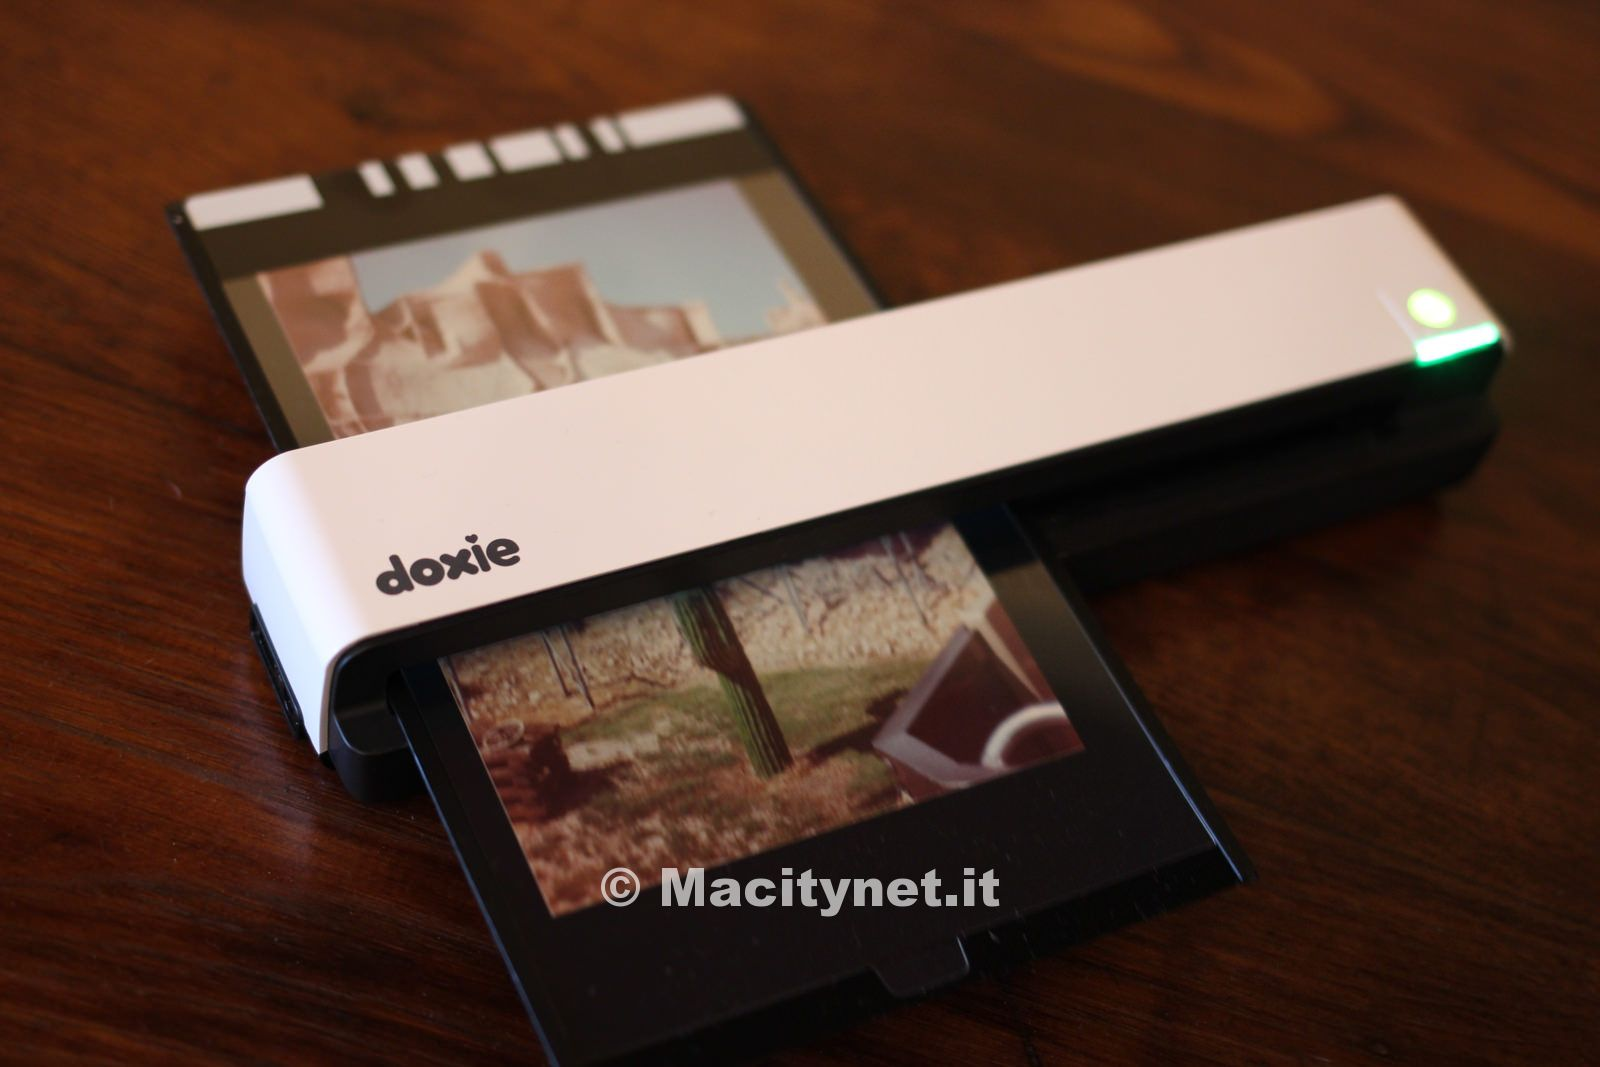 Recensione Doxie Go, lo scanner portatile per acquisire foto e documenti in mobilità